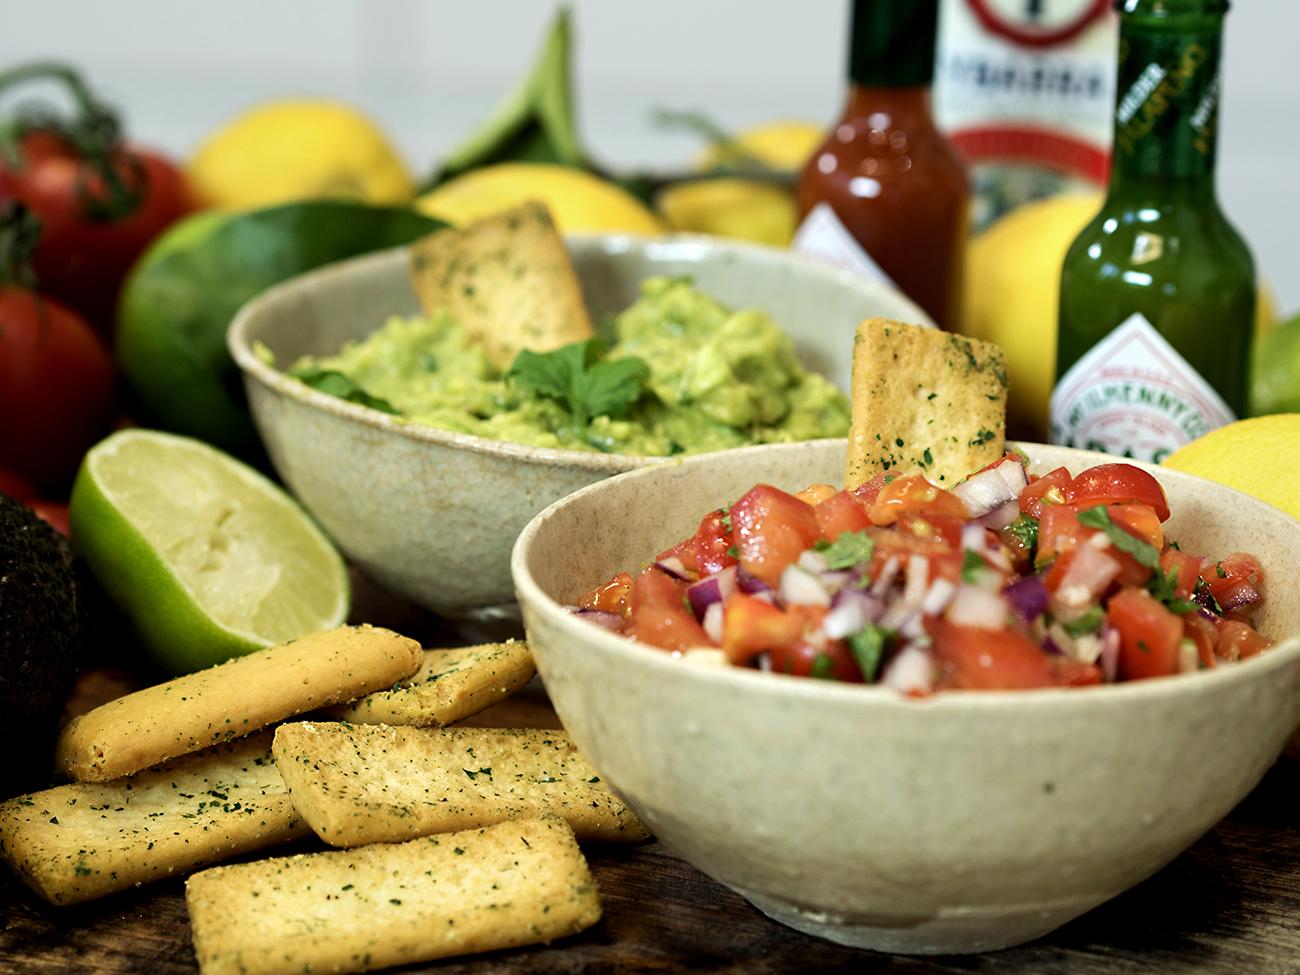 salsa og guacamole med Tabasco